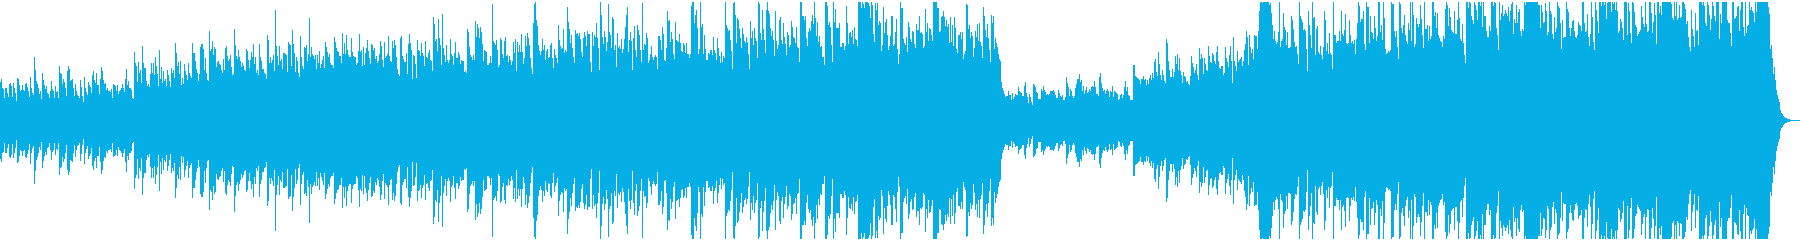 心に強く訴える オーケストラの 音楽の再生済みの波形